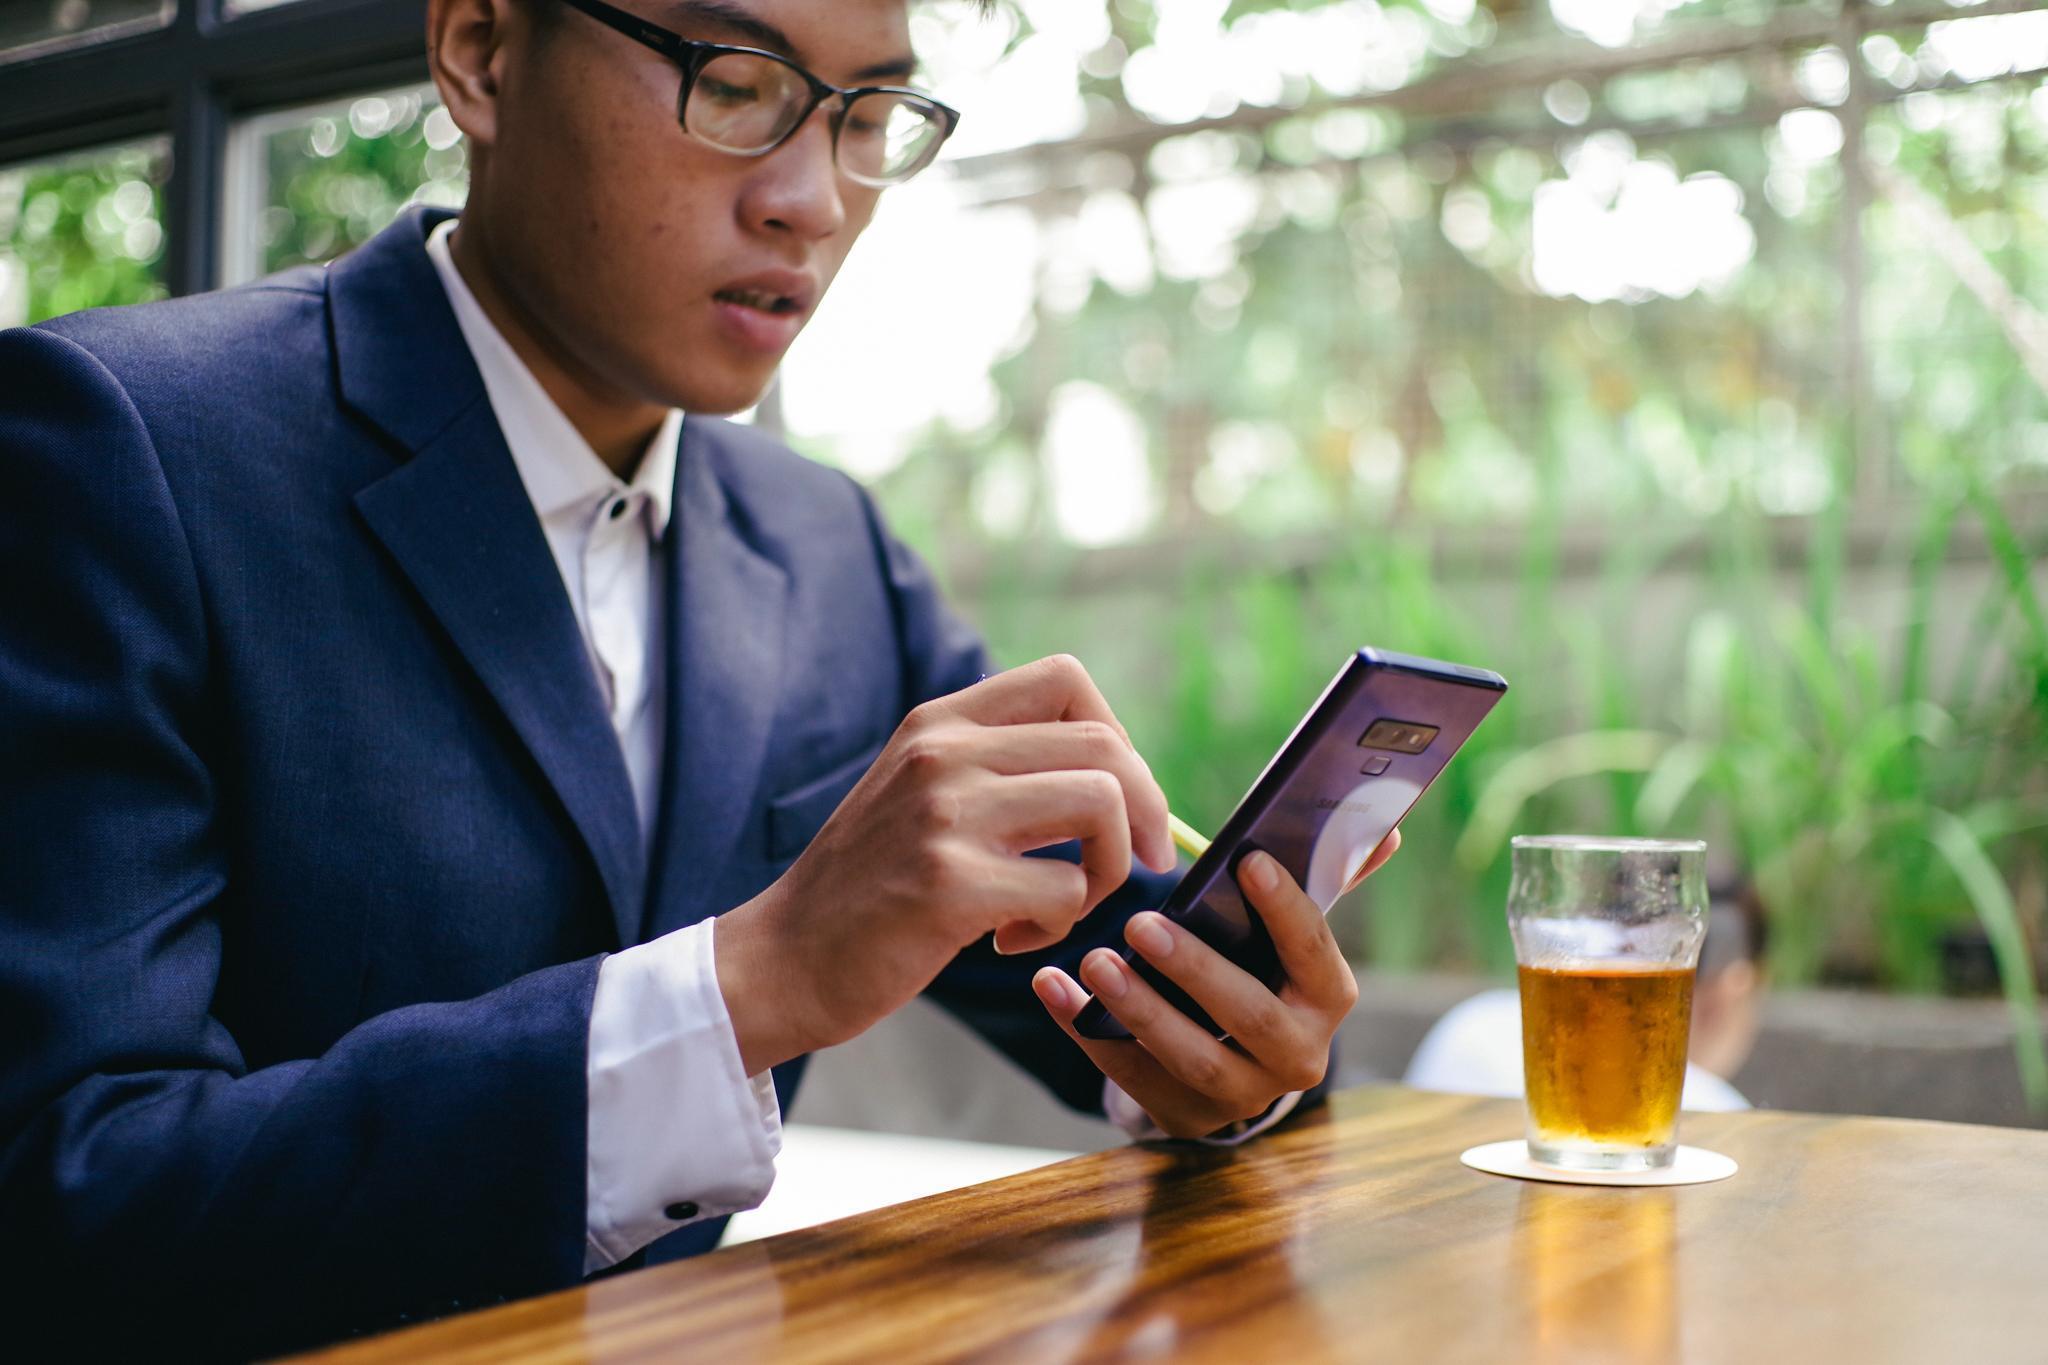 Không chỉ là điện thoại, Galaxy Note9 còn là công cụ tuyệt vời cho chàng trai này kiếm tiền hàng ngày - Ảnh 1.